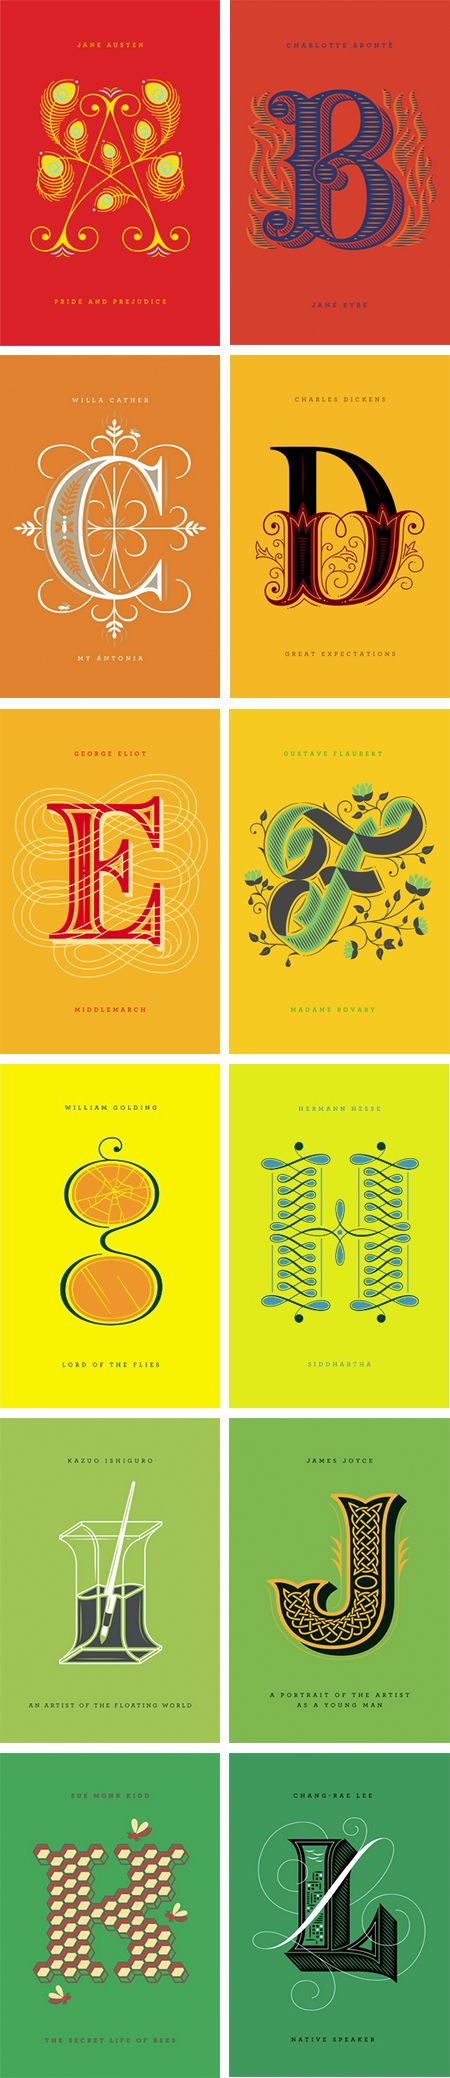 Ilustraciones de letras del alfabeto. Especial comienzo párrafo en literatura #Diseño #DiseñoGráfico